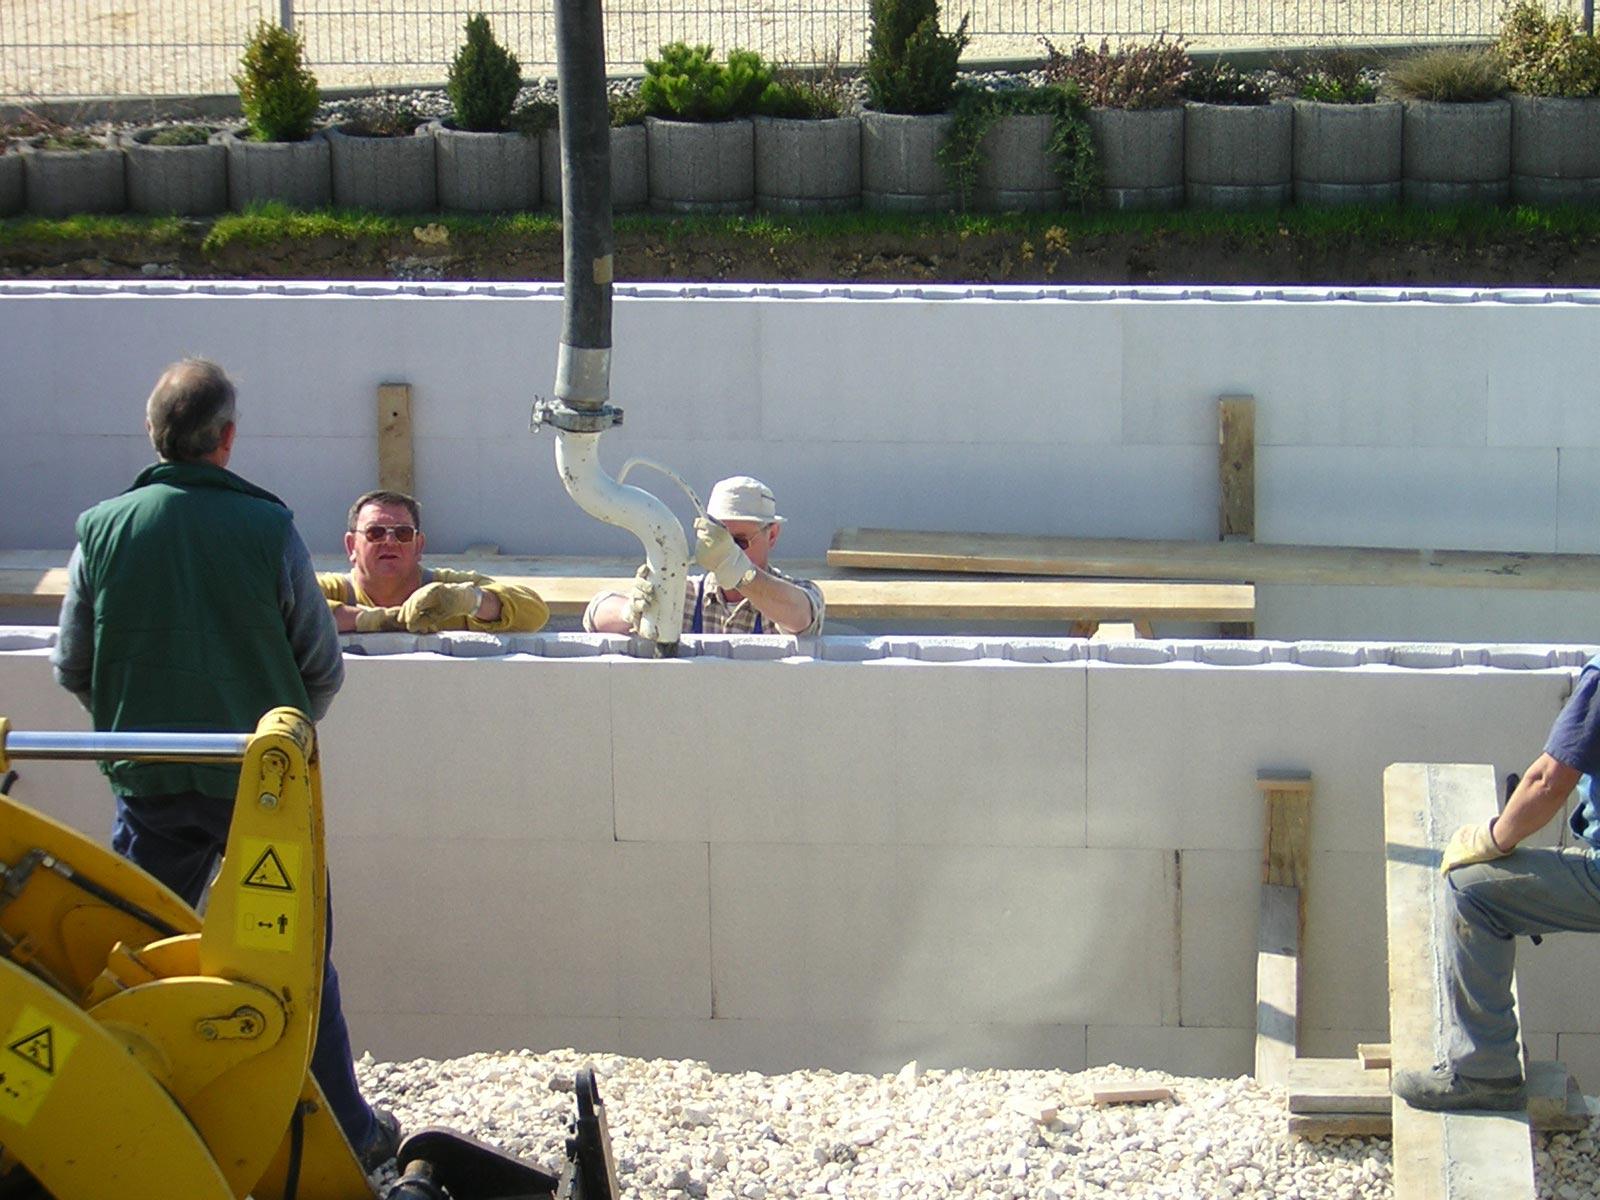 schwimmbad beton wird eingegossen schwimmbad zu. Black Bedroom Furniture Sets. Home Design Ideas